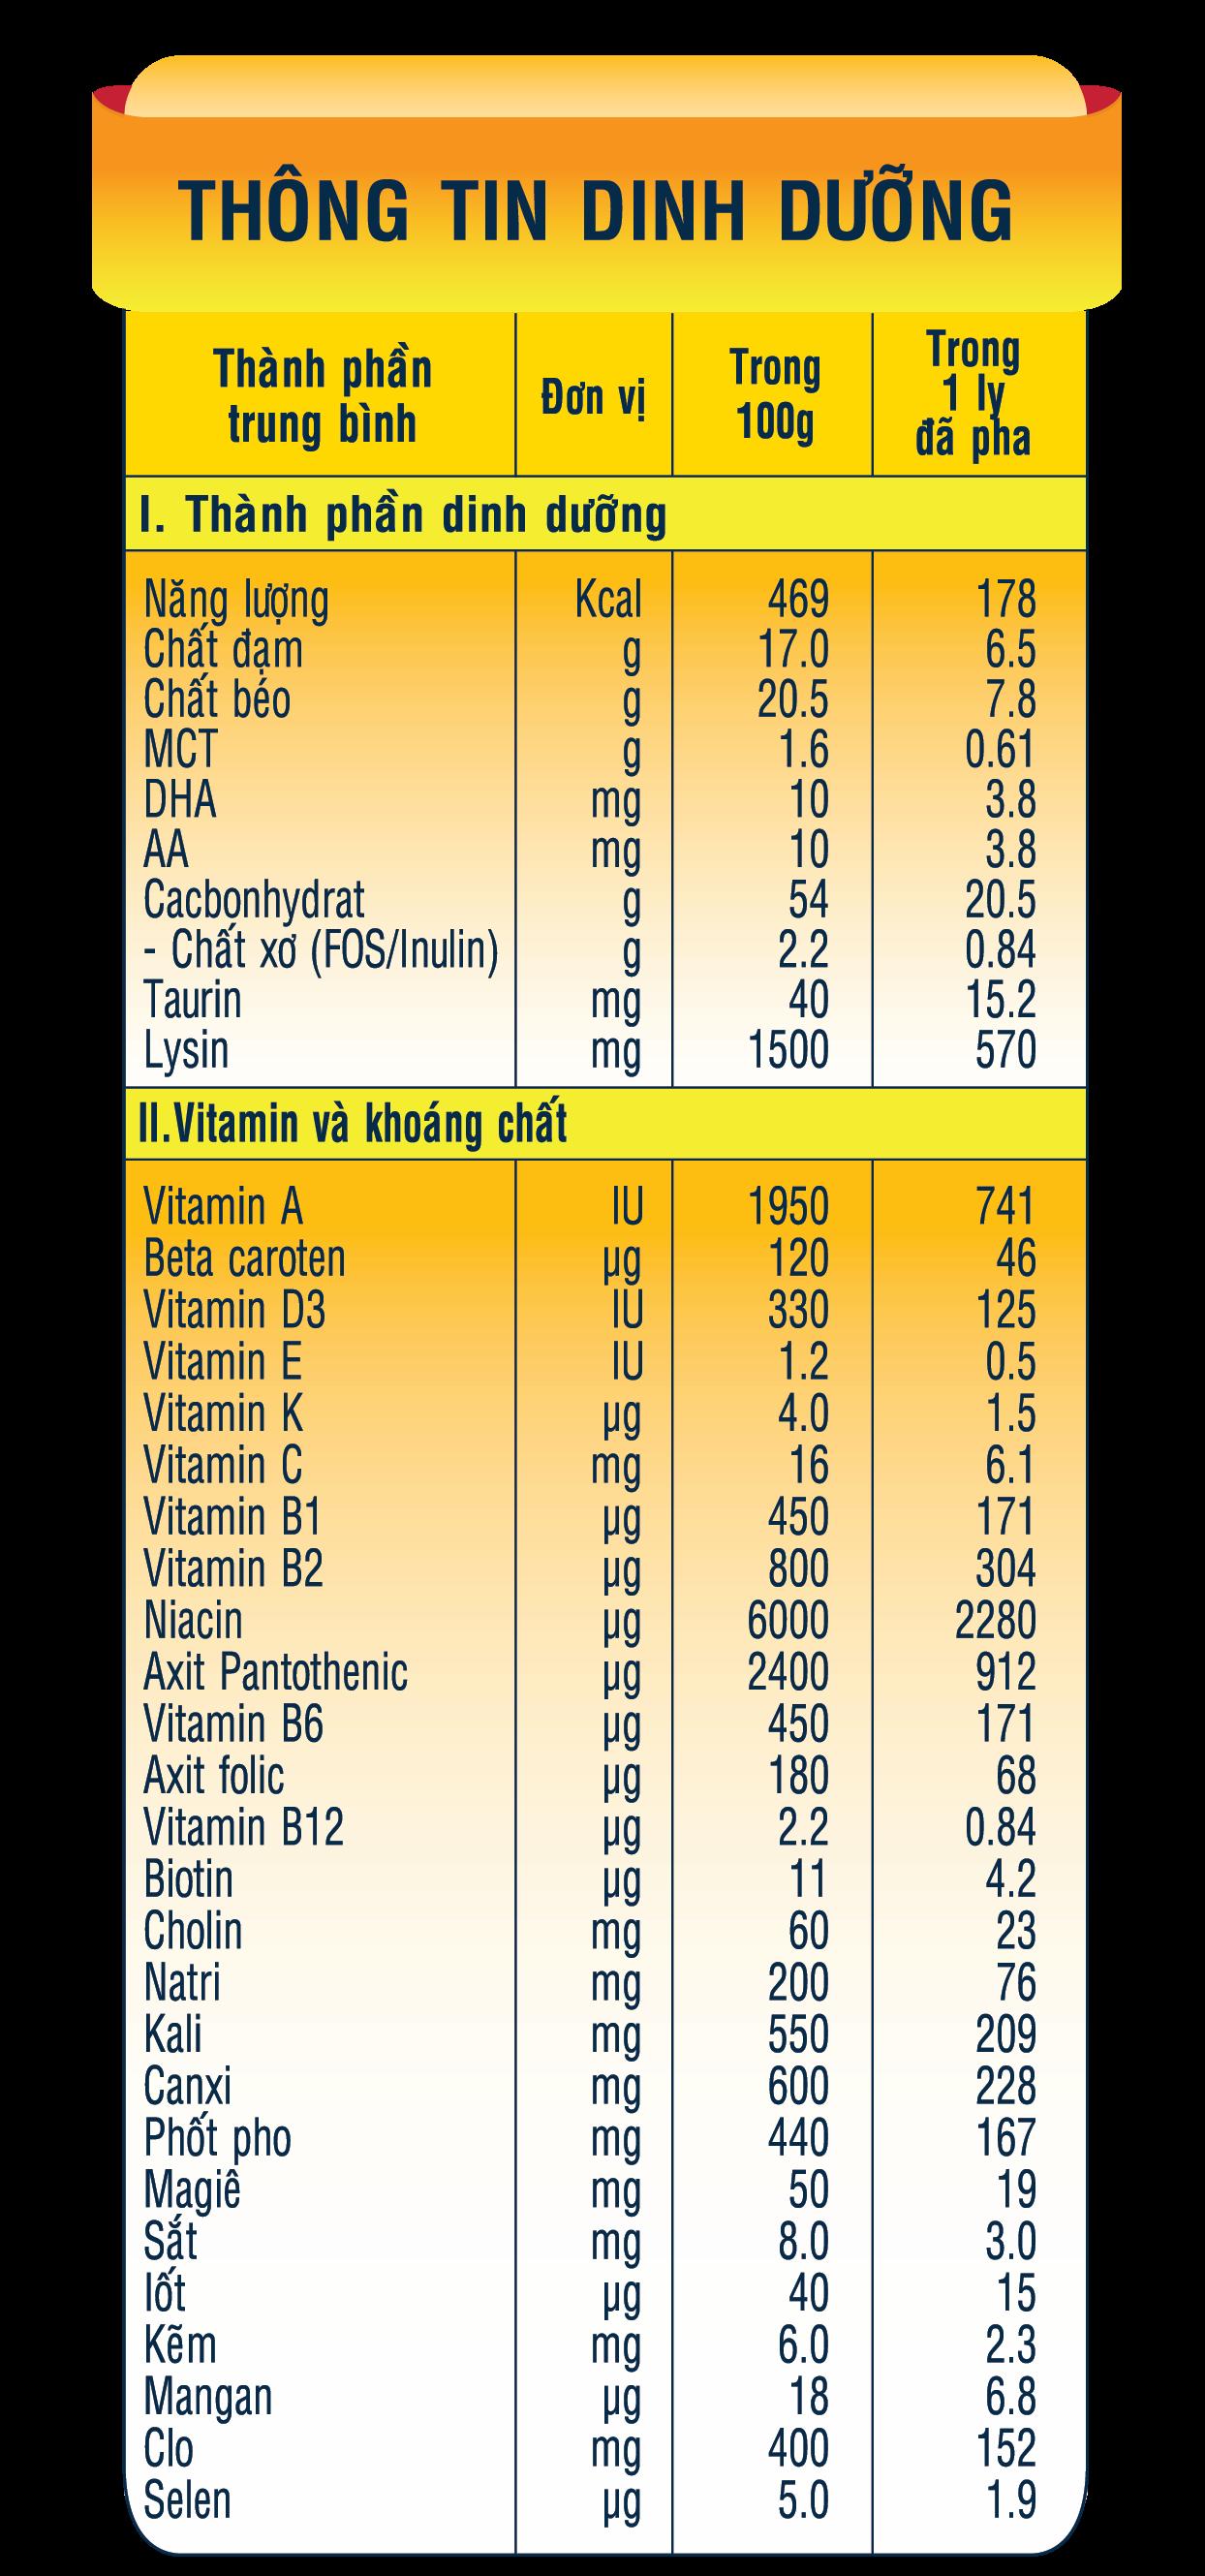 Giá trị dinh dưỡng với hàm lượng cao của sản phẩm